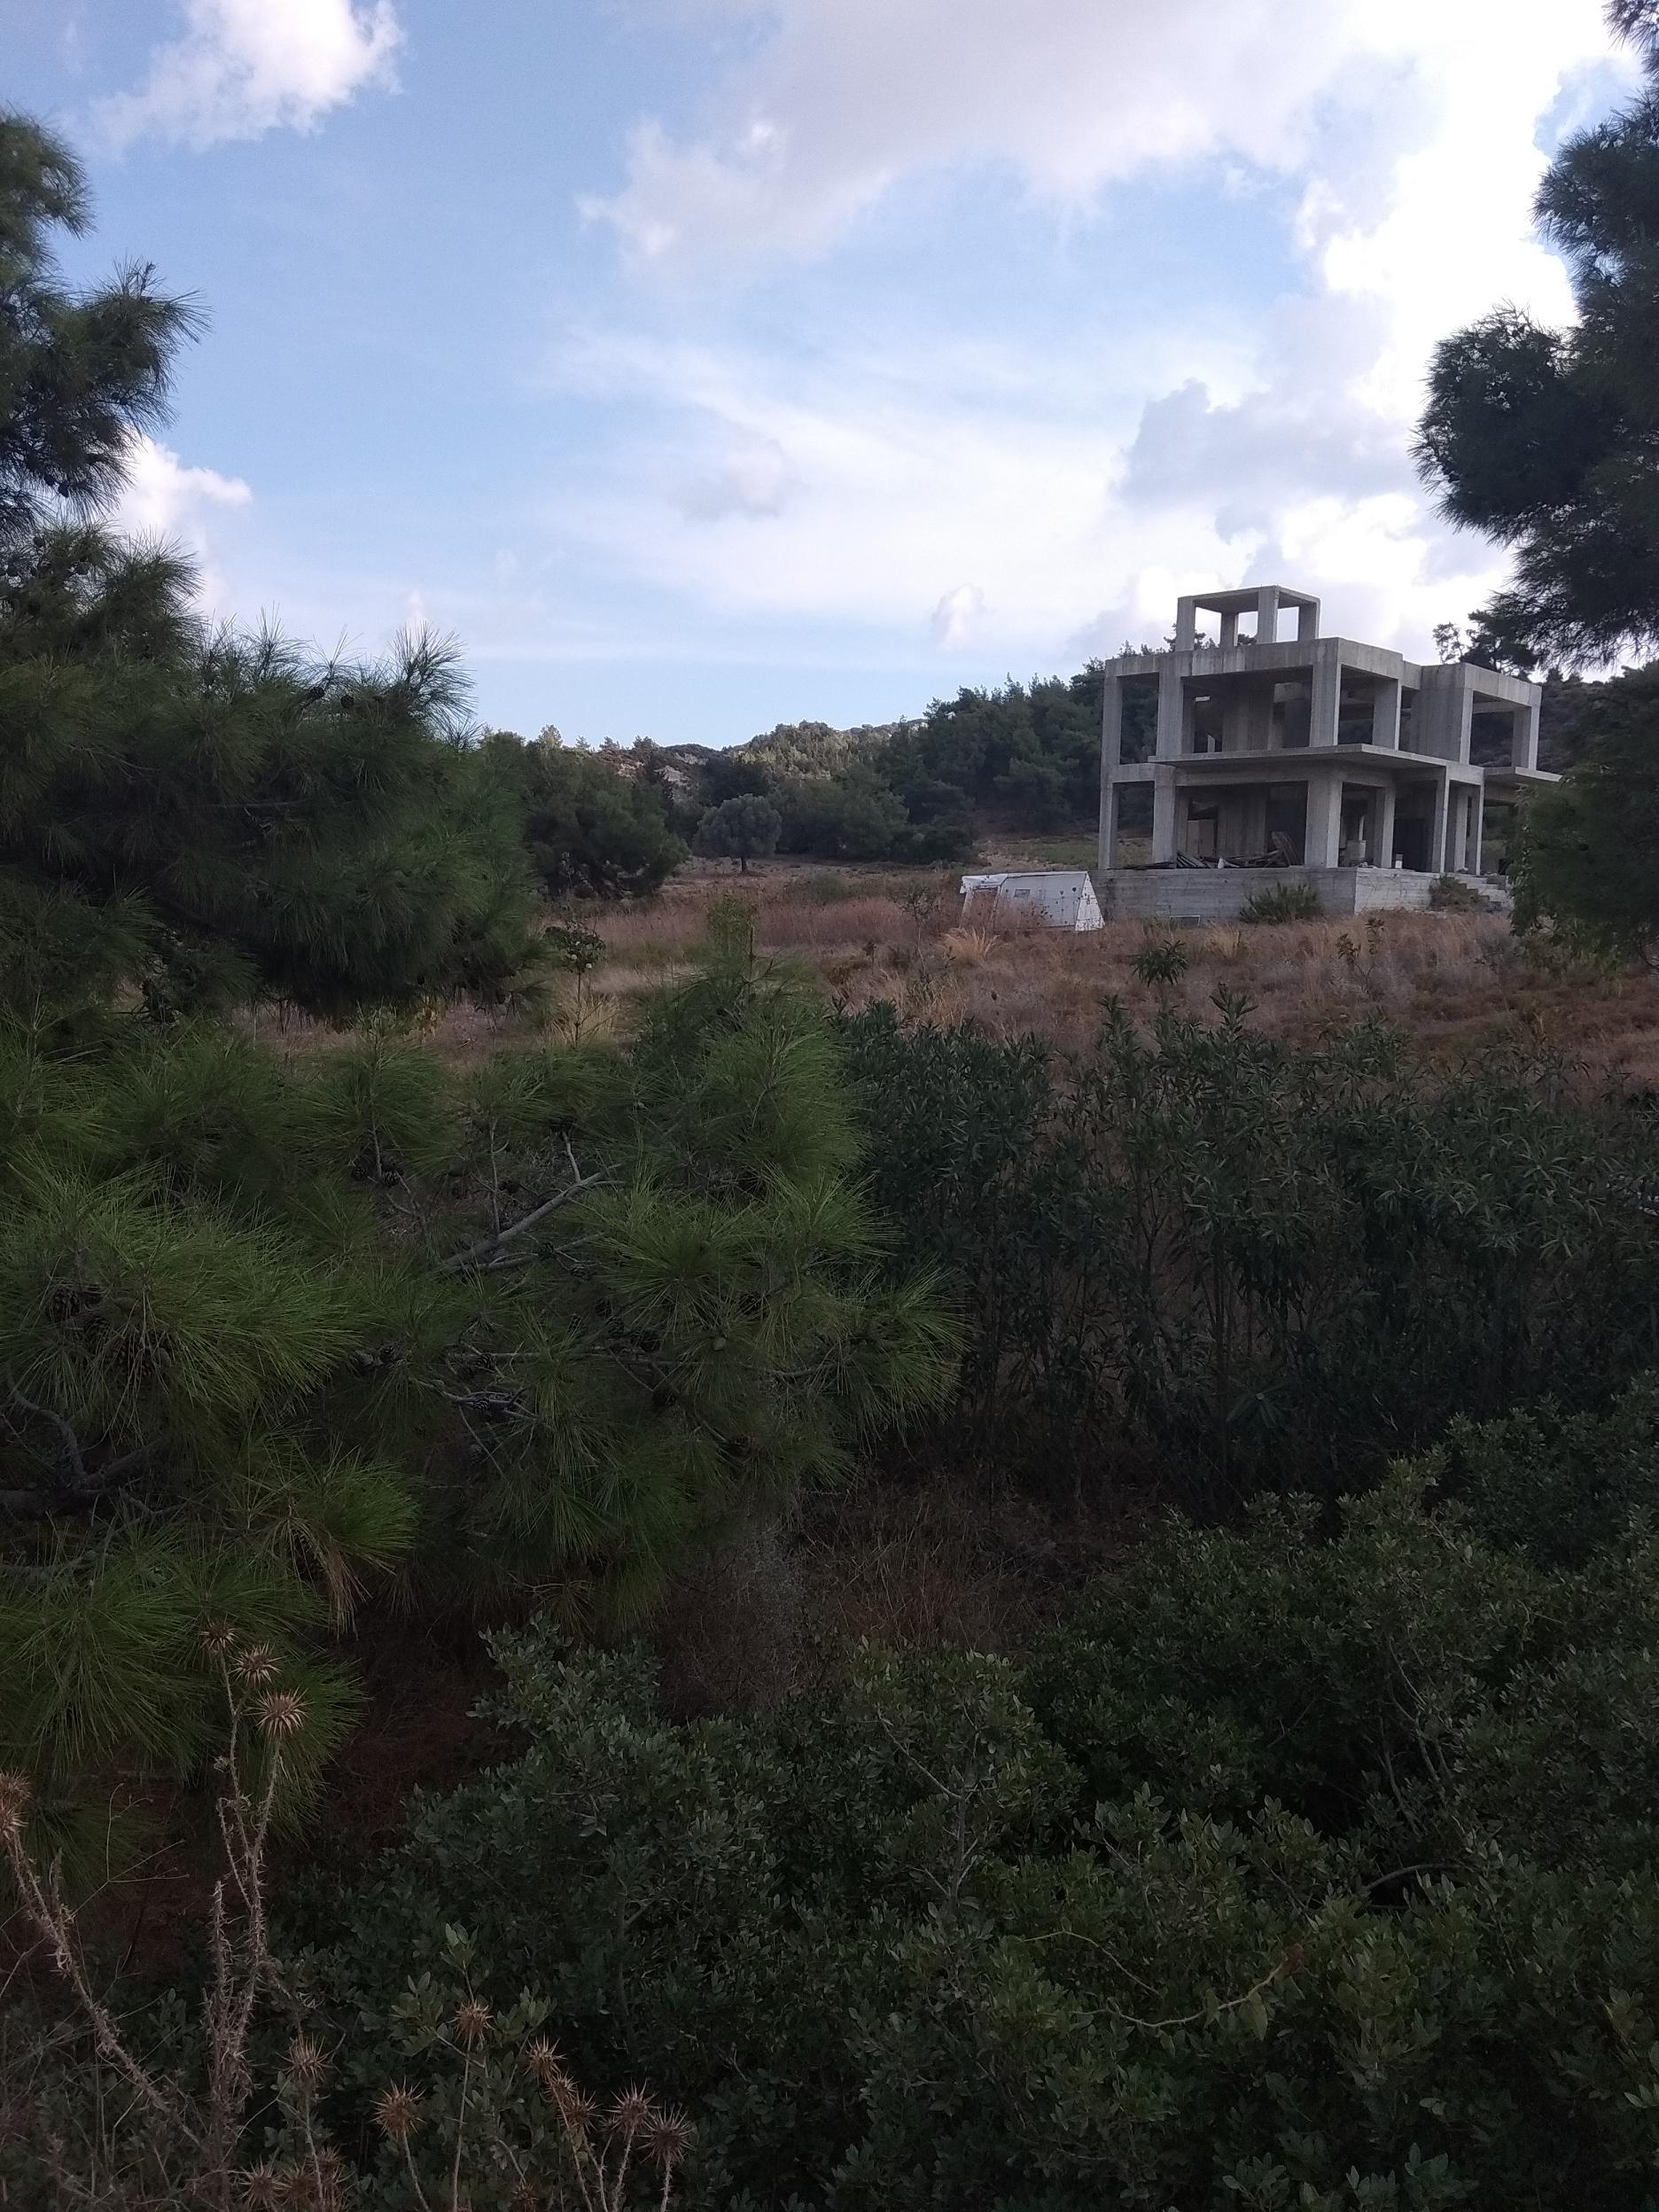 Μονοκατοικία στα μπετά  σε οικόπεδο 6,5 στρεμμάτων , Παστίδα Ρόδου, KAS-58327